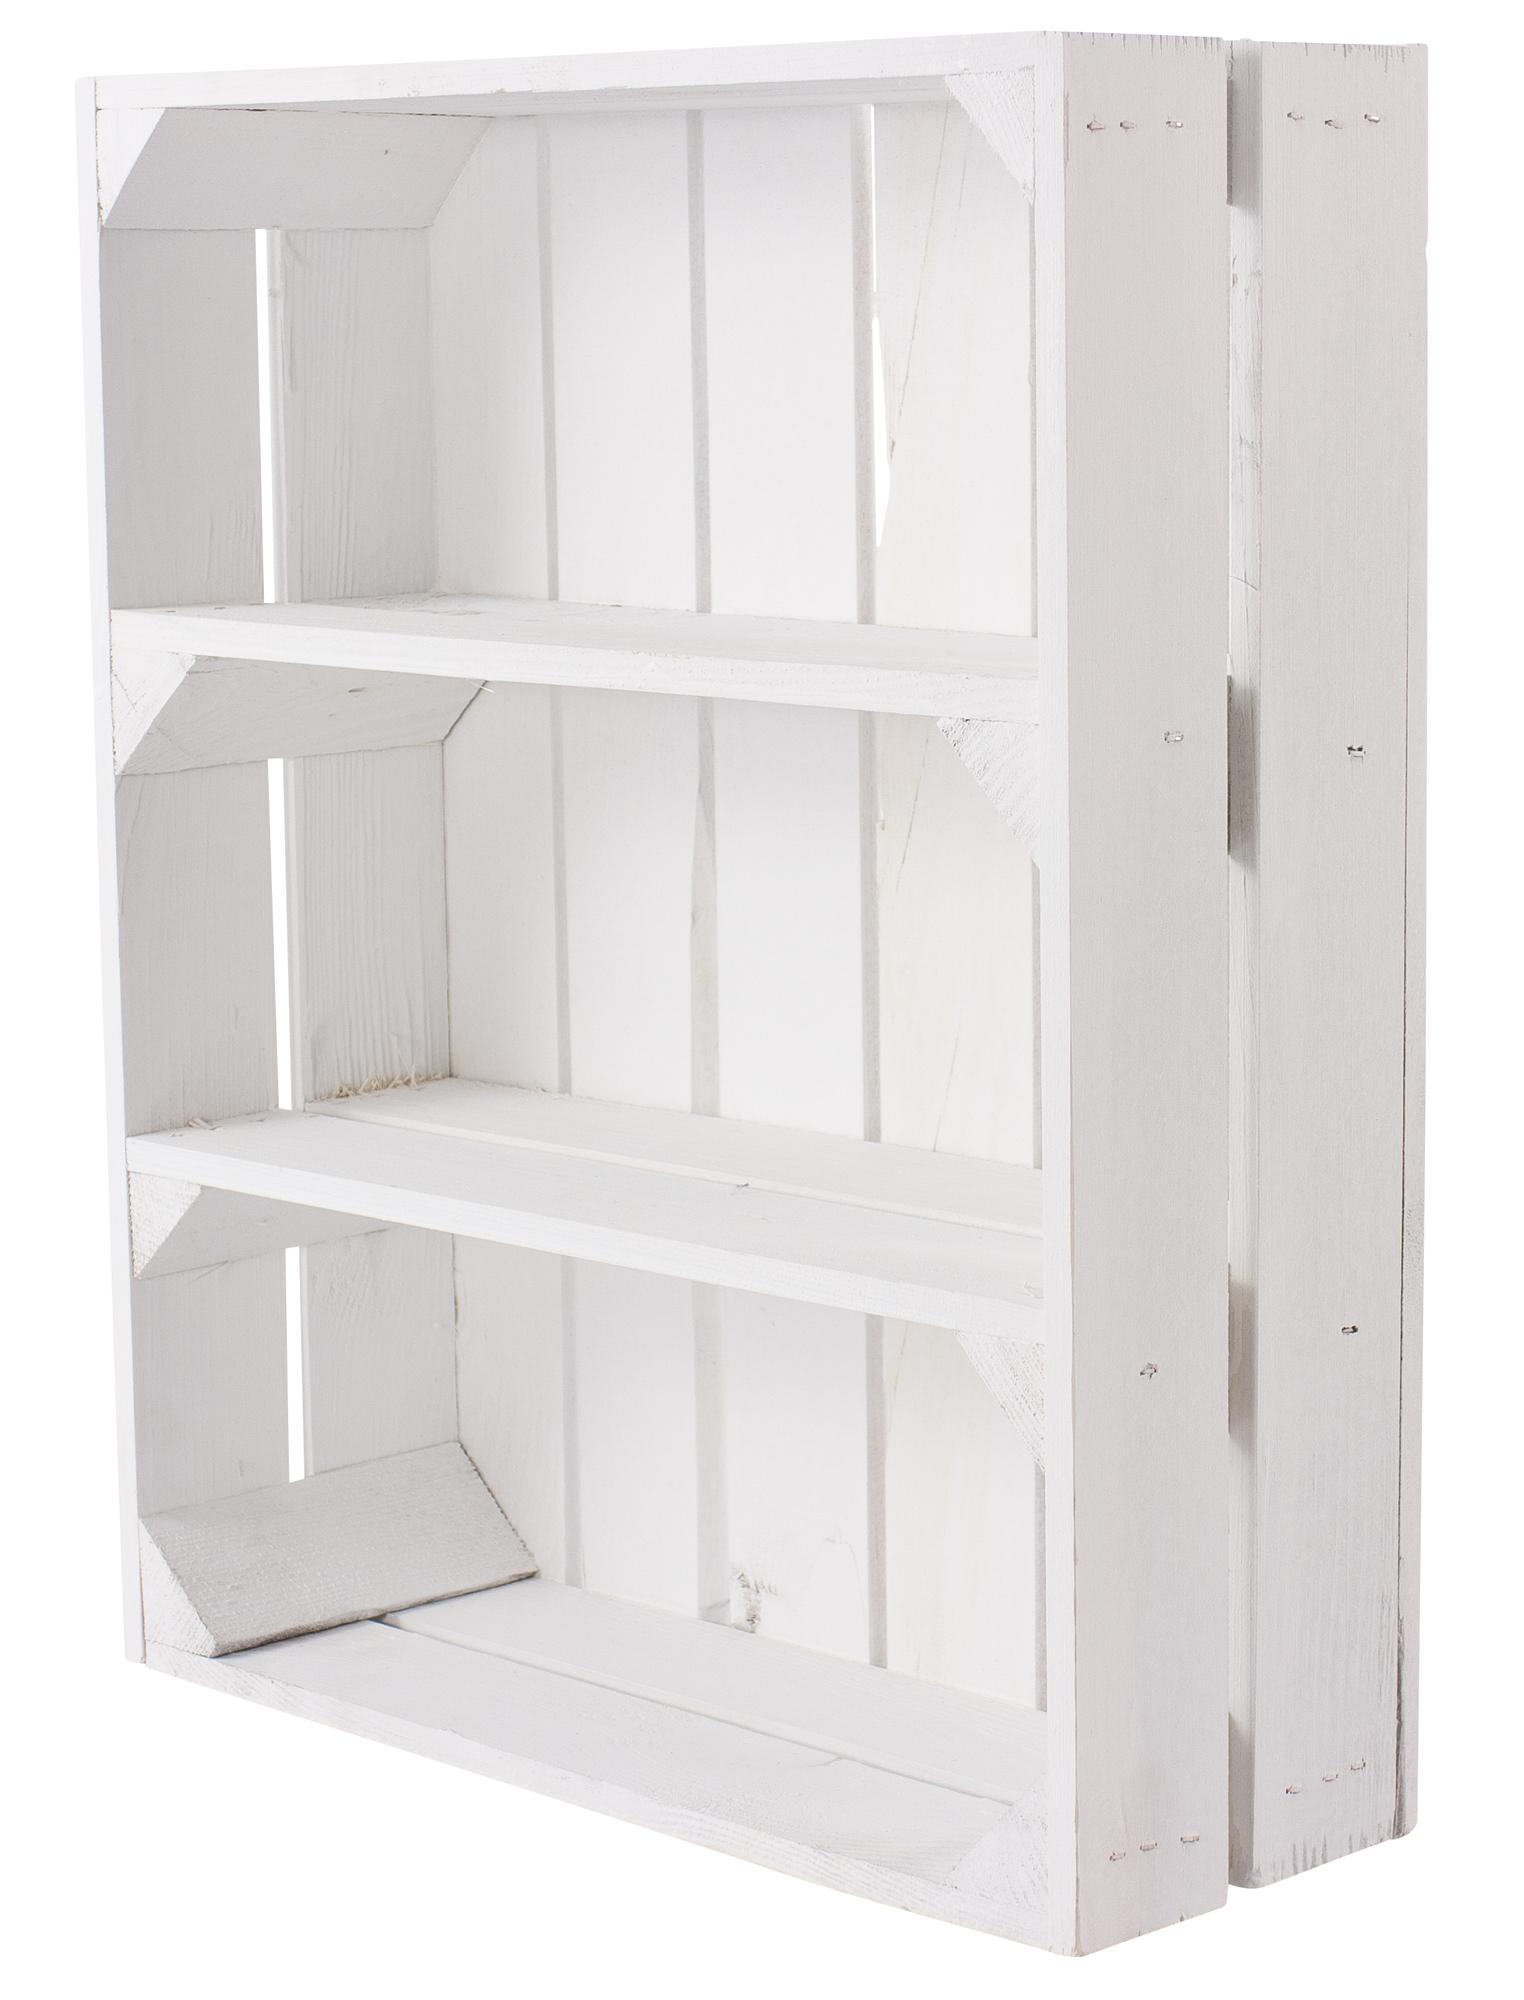 Full Size of Deko Sideboard Unsortiert Holzkiste Wei Schmales Regal Mit 2 Mittelbrettern Wohnzimmer Schlafzimmer Küche Arbeitsplatte Dekoration Wanddeko Für Badezimmer Wohnzimmer Deko Sideboard